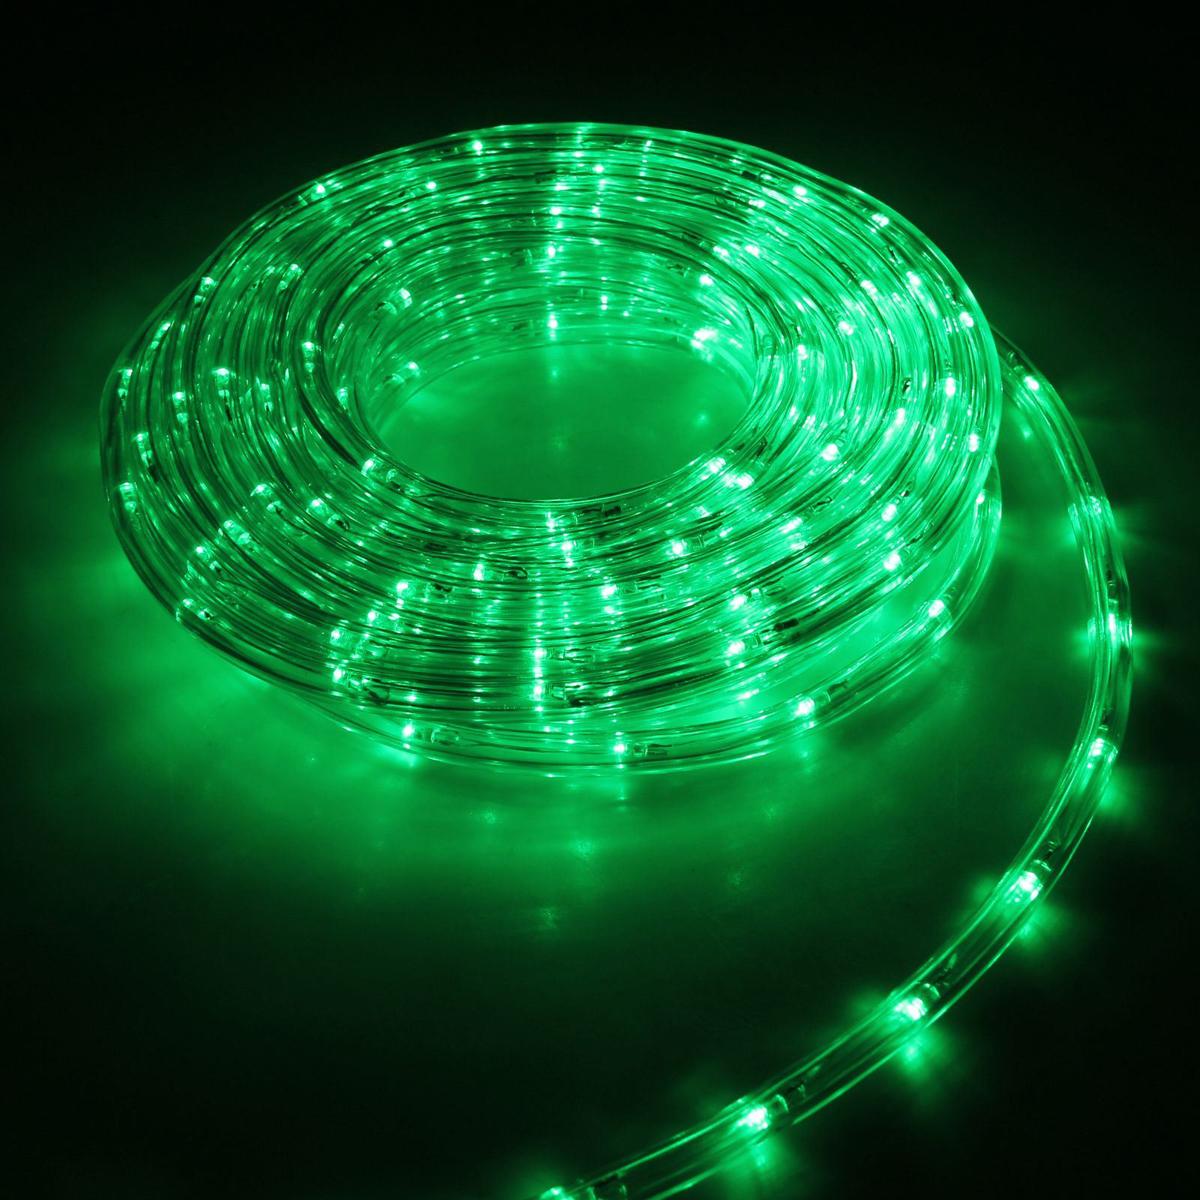 Гирлянда светодиодная Luazon, 240 ламп, 8 режимов, 220 V, цвет: зеленый, 1 см х 10 м. 15898281589828Светодиодные гирлянды, ленты и т.д — это отличный вариант для новогоднего оформления интерьера или фасада. С их помощью помещение любого размера можно превратить в праздничный зал, а внешние элементы зданий, украшенные ими, мгновенно станут напоминать очертания сказочного дворца. Такие украшения создают ауру предвкушения чуда. Деревья, фасады, витрины, окна и арки будто специально созданы, чтобы вы украсили их светящимися нитями.